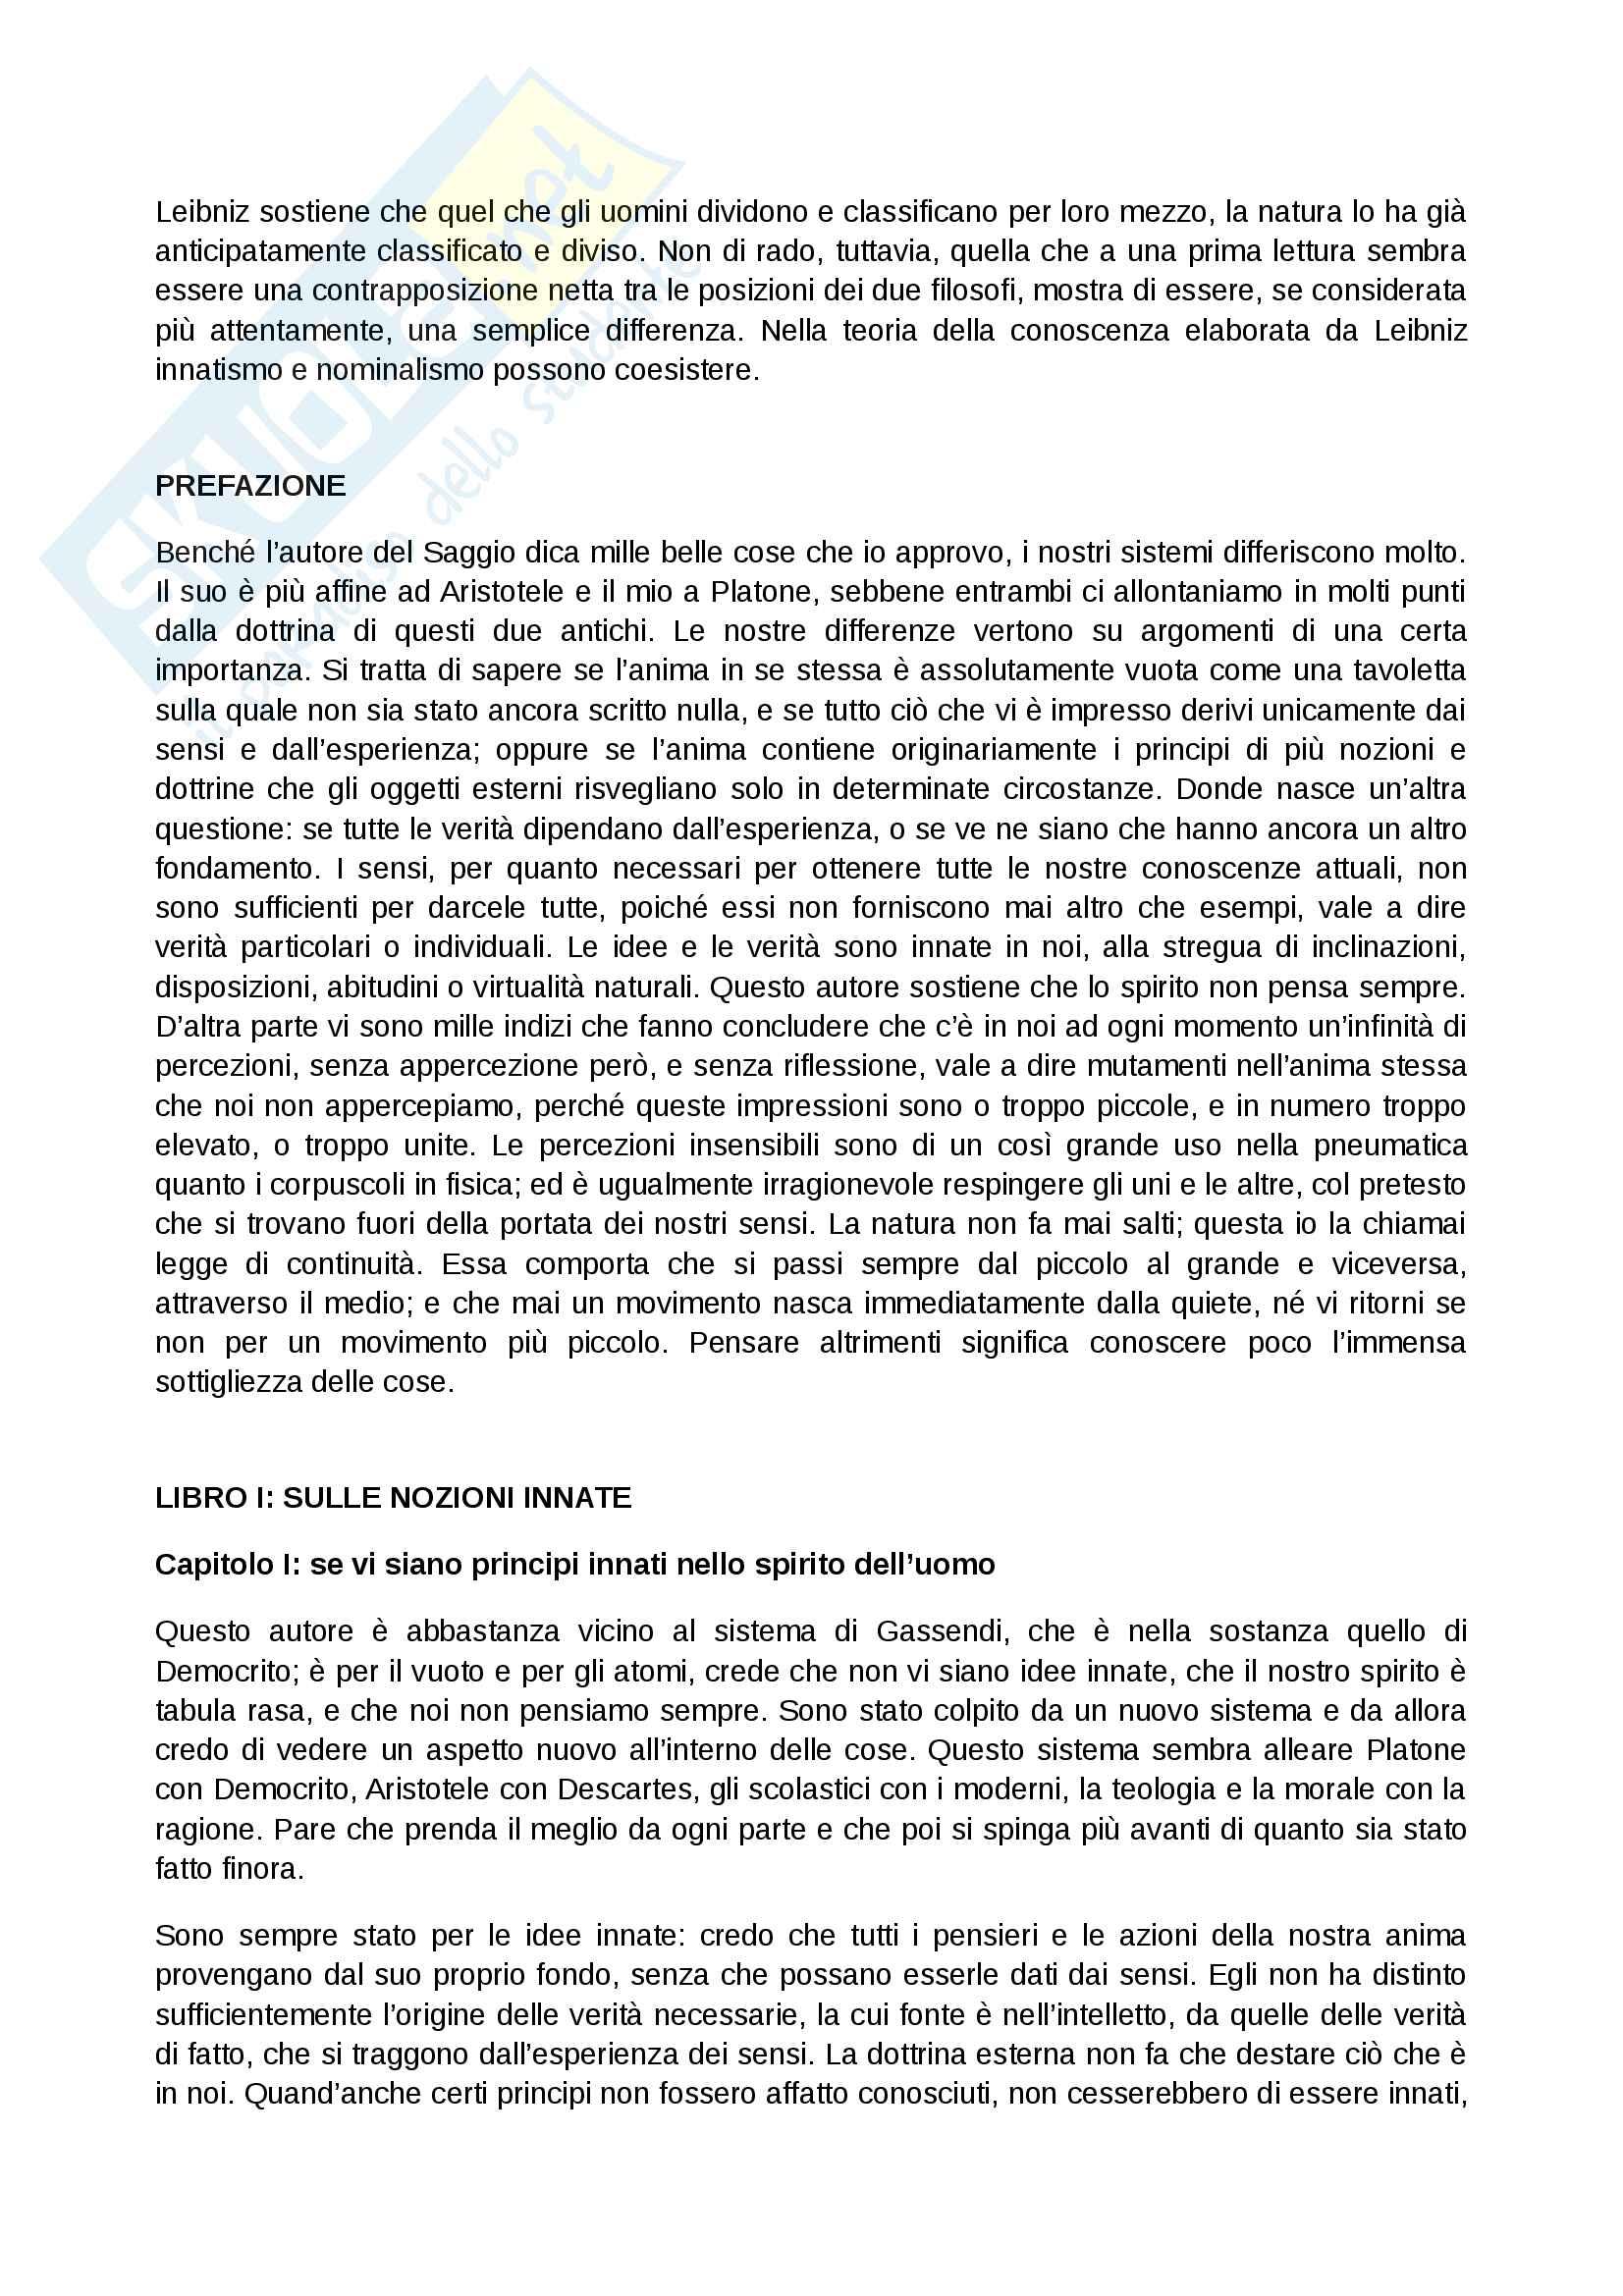 Nuovi Saggi Sull'Intelletto Umano di Leibniz - Riassunto Pag. 2